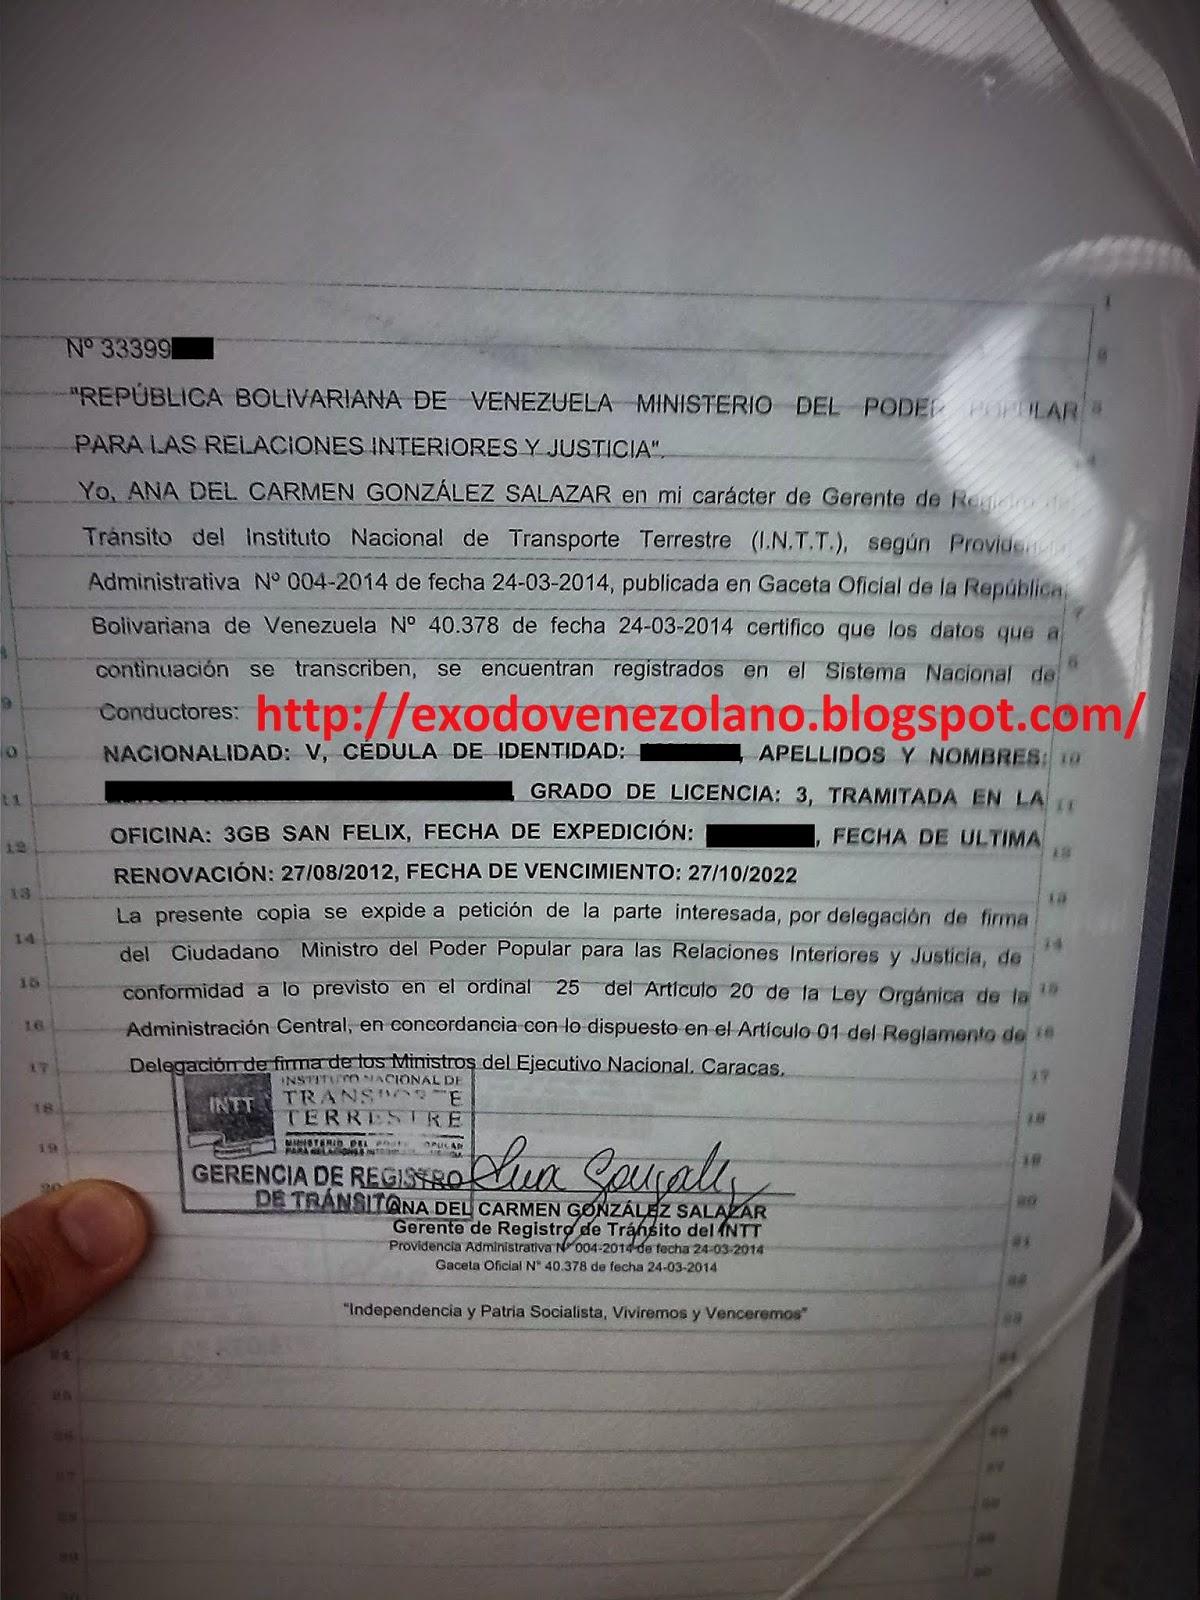 Éxodo Venezolano: Licencia de Conducir Internacional (Carta Consular)